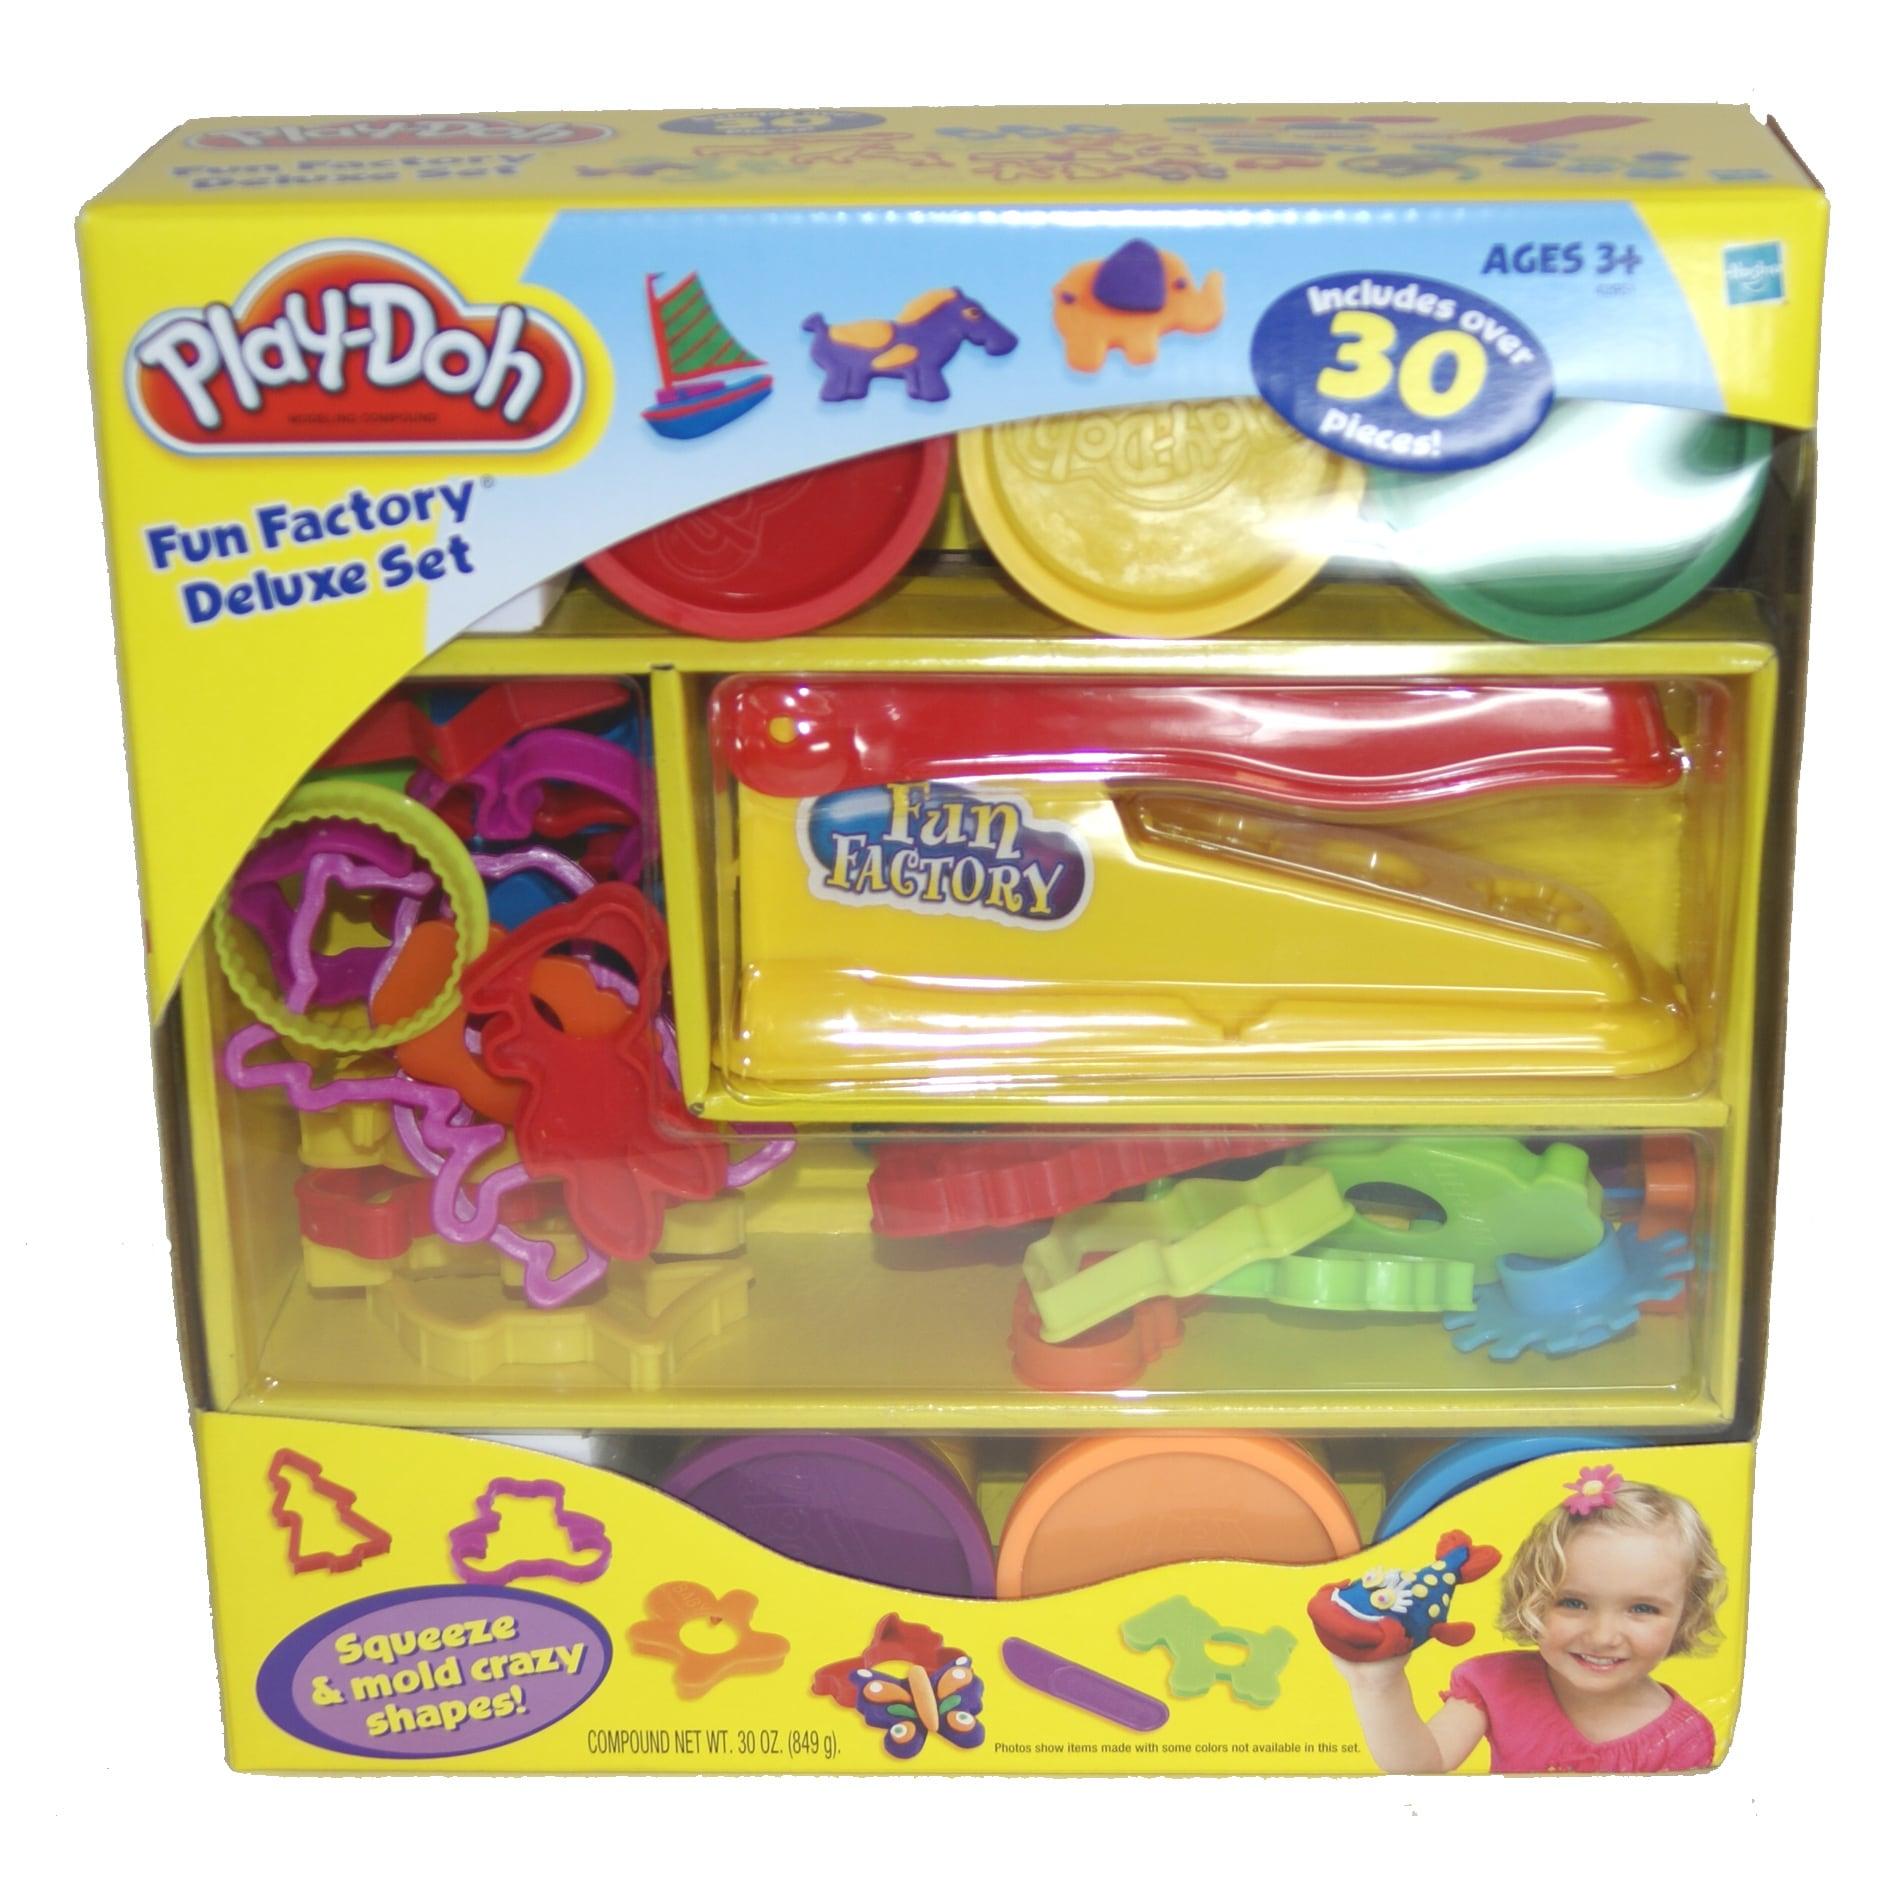 Hasbro Play-doh Fun Factory Deluxe Set